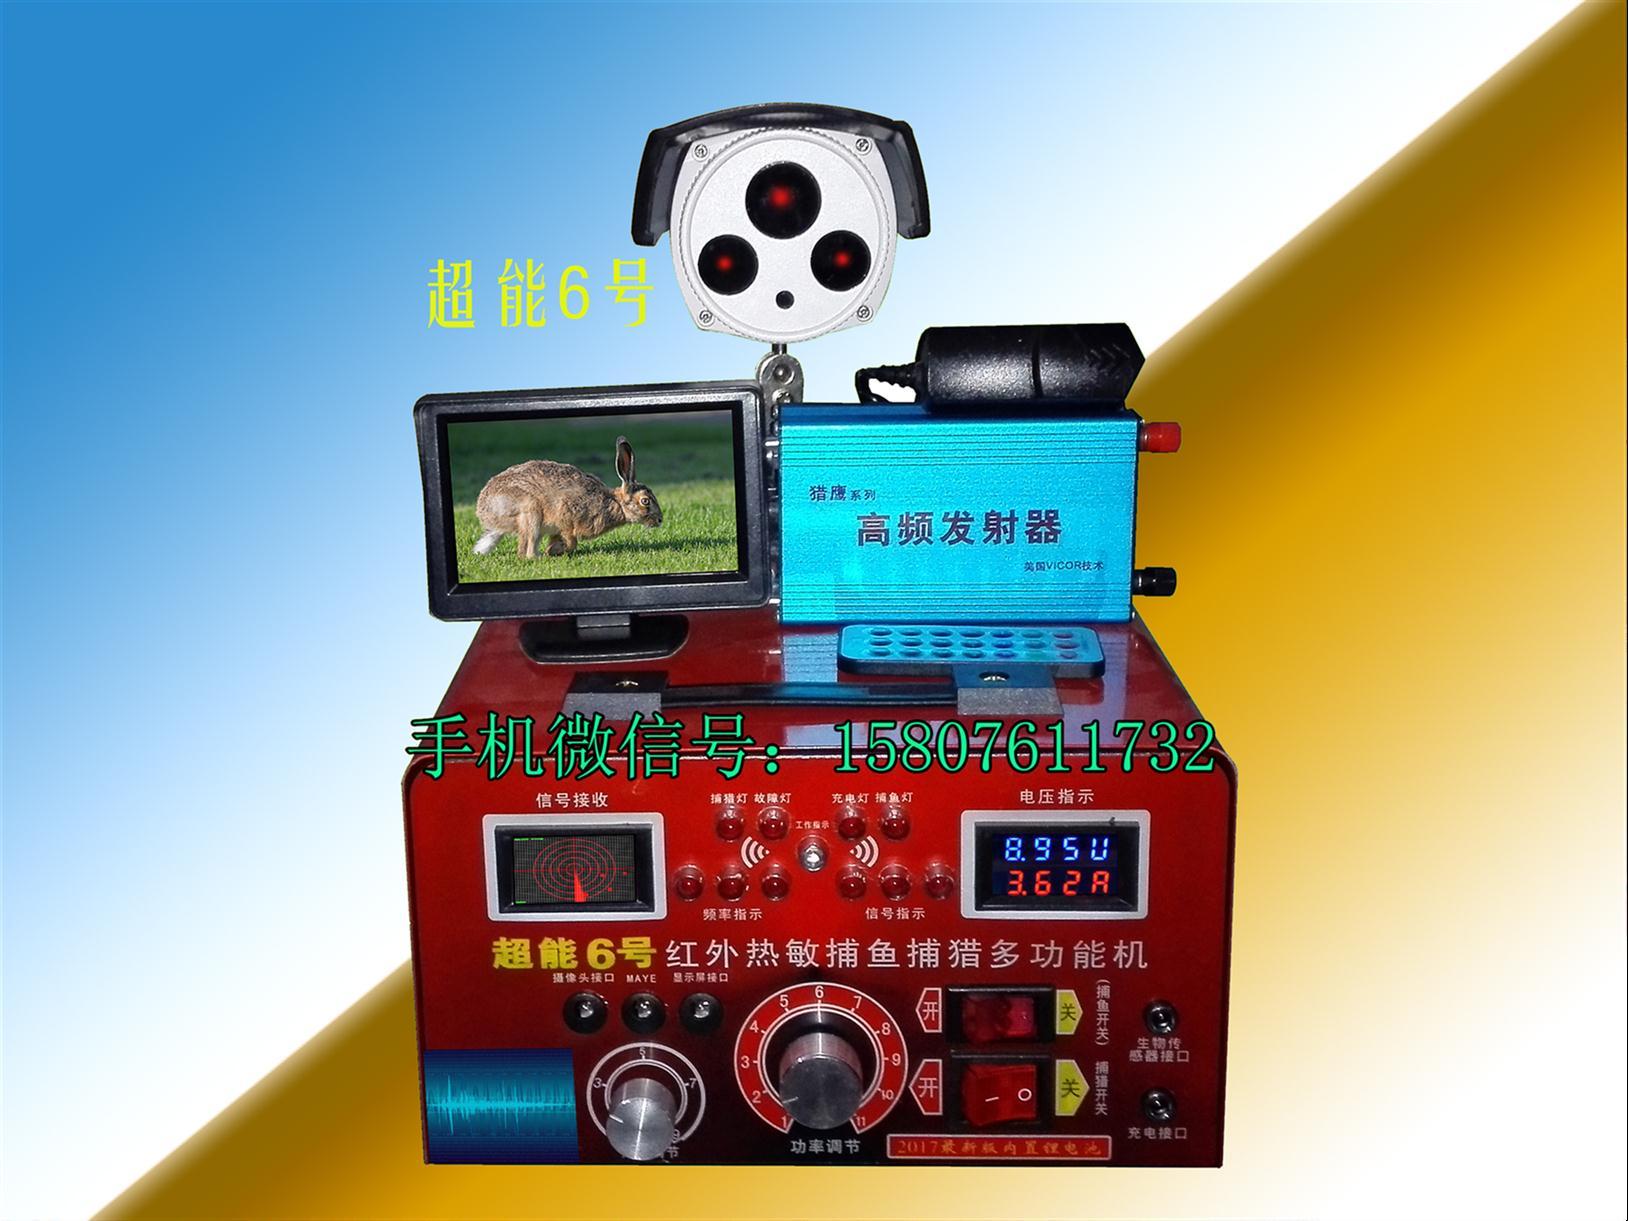 新款电子捕猎机器销售价格 重点推荐 超能